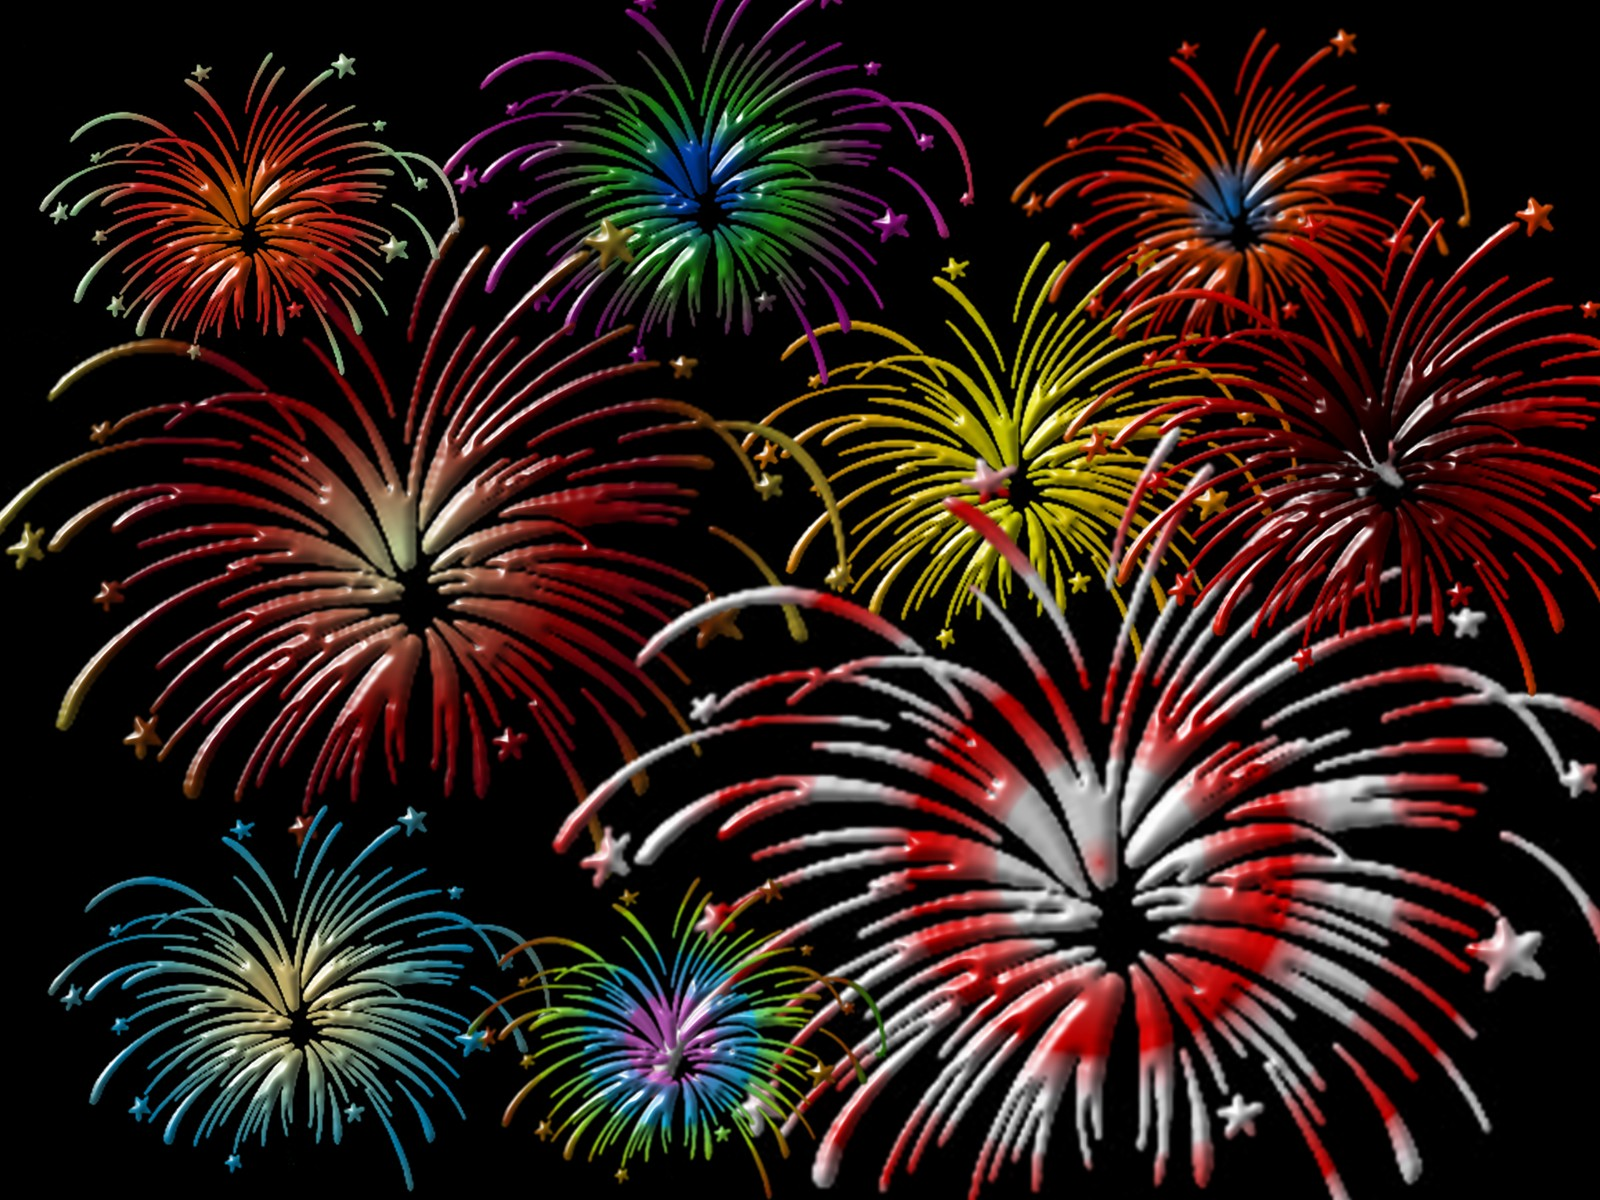 http://3.bp.blogspot.com/-WaaSanG3eCM/TwONTEOI_0I/AAAAAAAAAUk/B1AvDwCzRig/s1600/fireworks-wallpaper-wallpaper-download-art.jpg